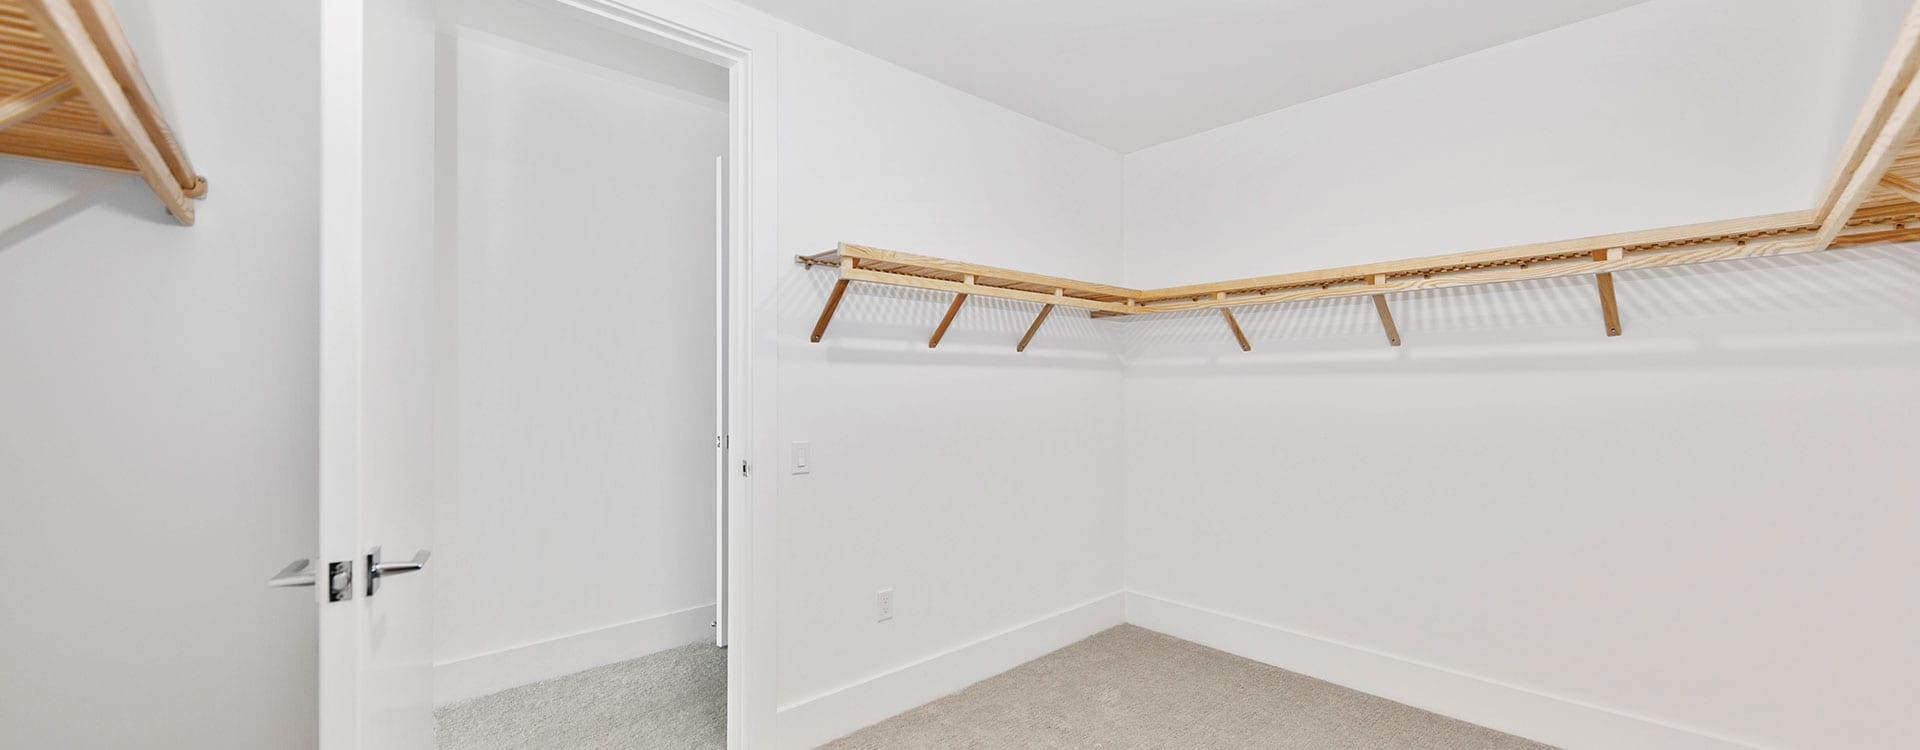 BLVD Residence 903 Bedroom Closet